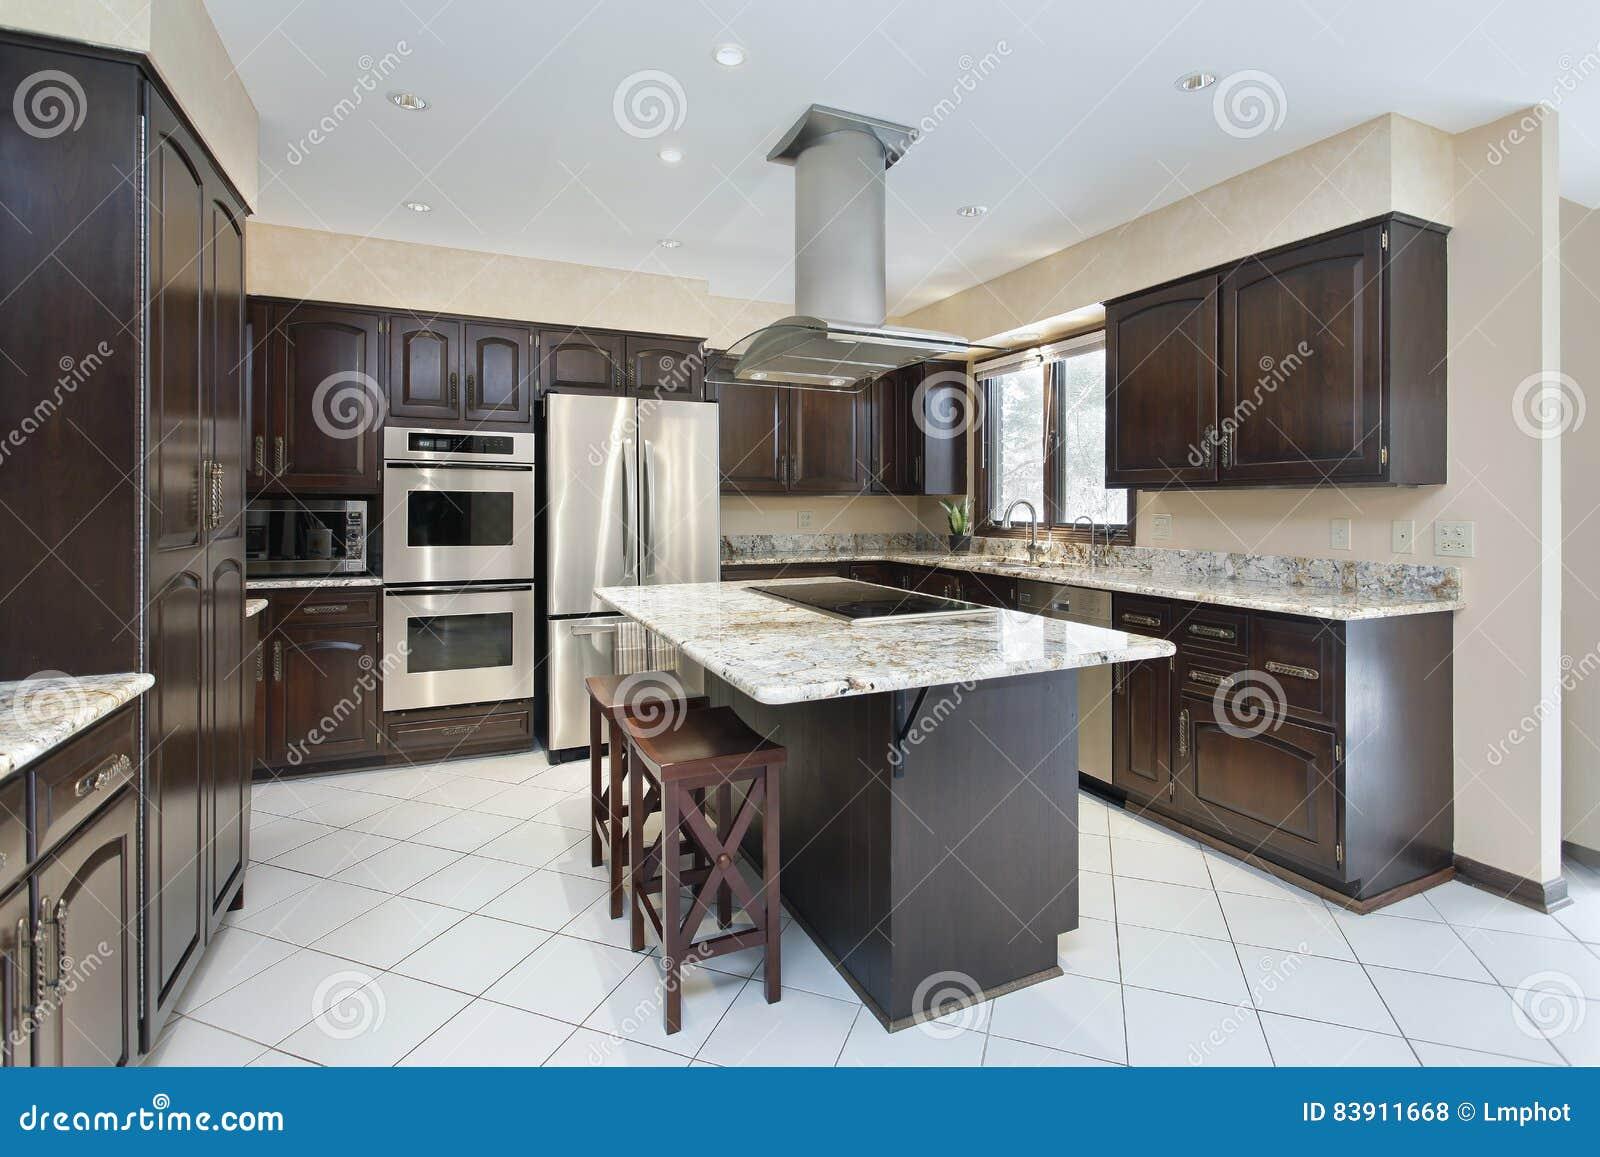 Keuken met fornuis hoogste eiland stock foto afbeelding 83911668 - Eiland maaltijd ...